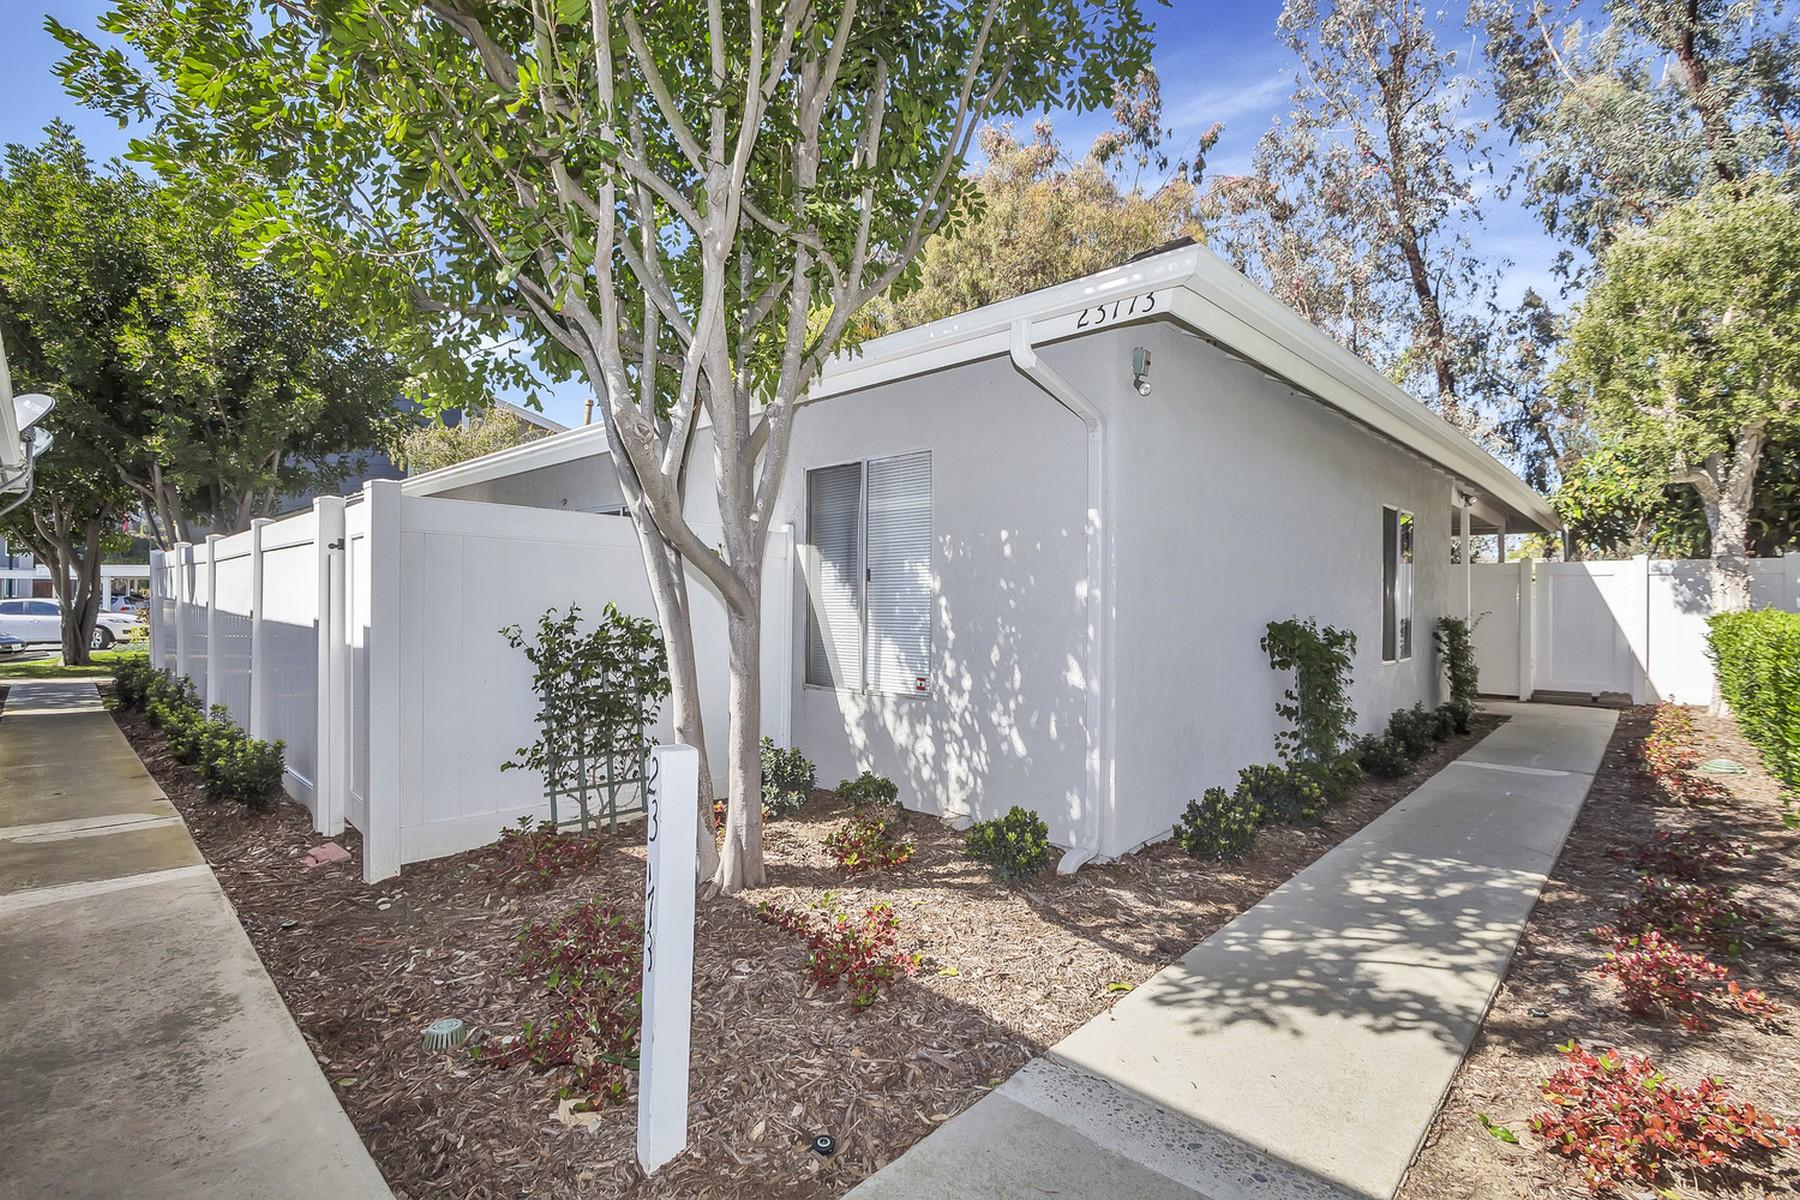 Частный односемейный дом для того Продажа на 23773 N. Shore Lane #67 23772 N. Shore Lane #67 Laguna Niguel, Калифорния 92677 Соединенные Штаты